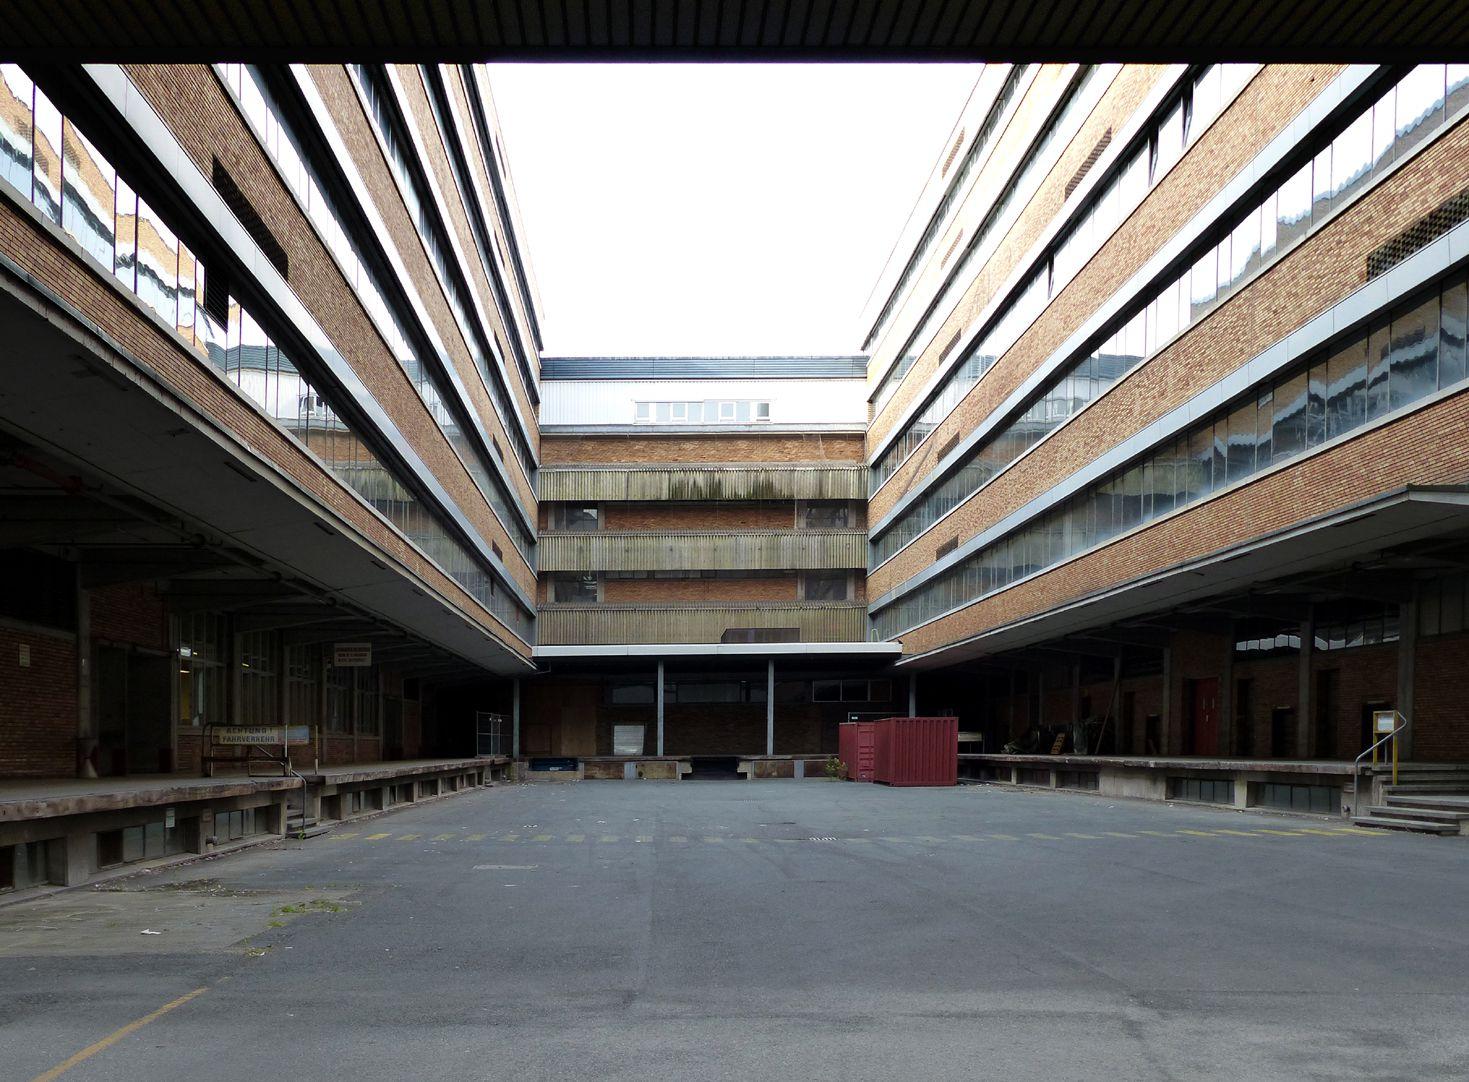 Quelle Versandhaus Innenhof